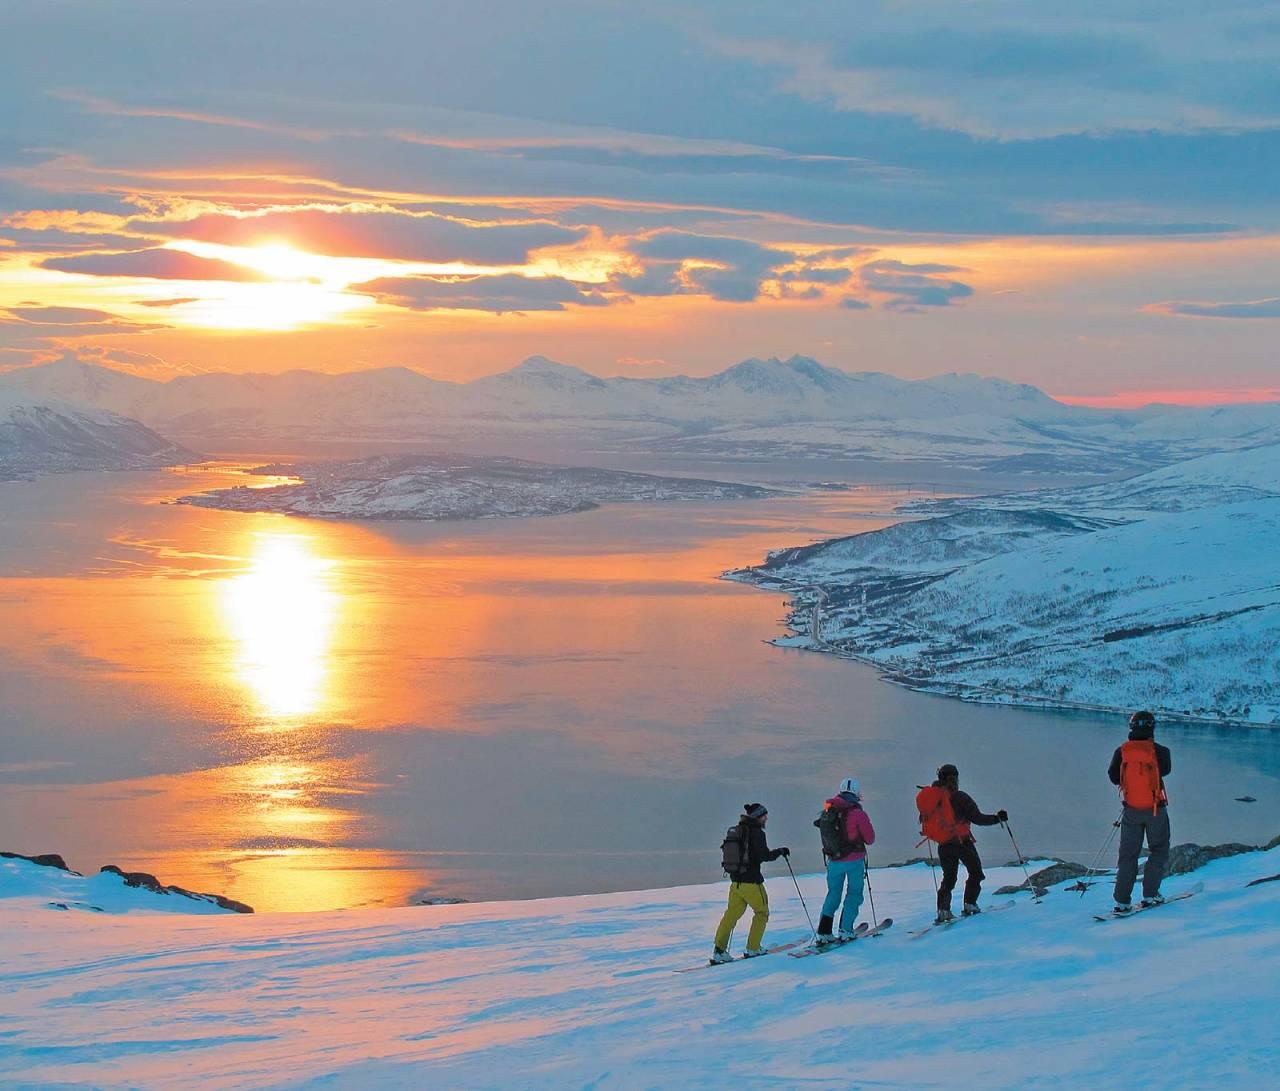 Fornøyde skredkursdeltakere nyer årets første solstråler over Tromsøya.  Foto: Espen Nordahl. / Toppturer i Troms.